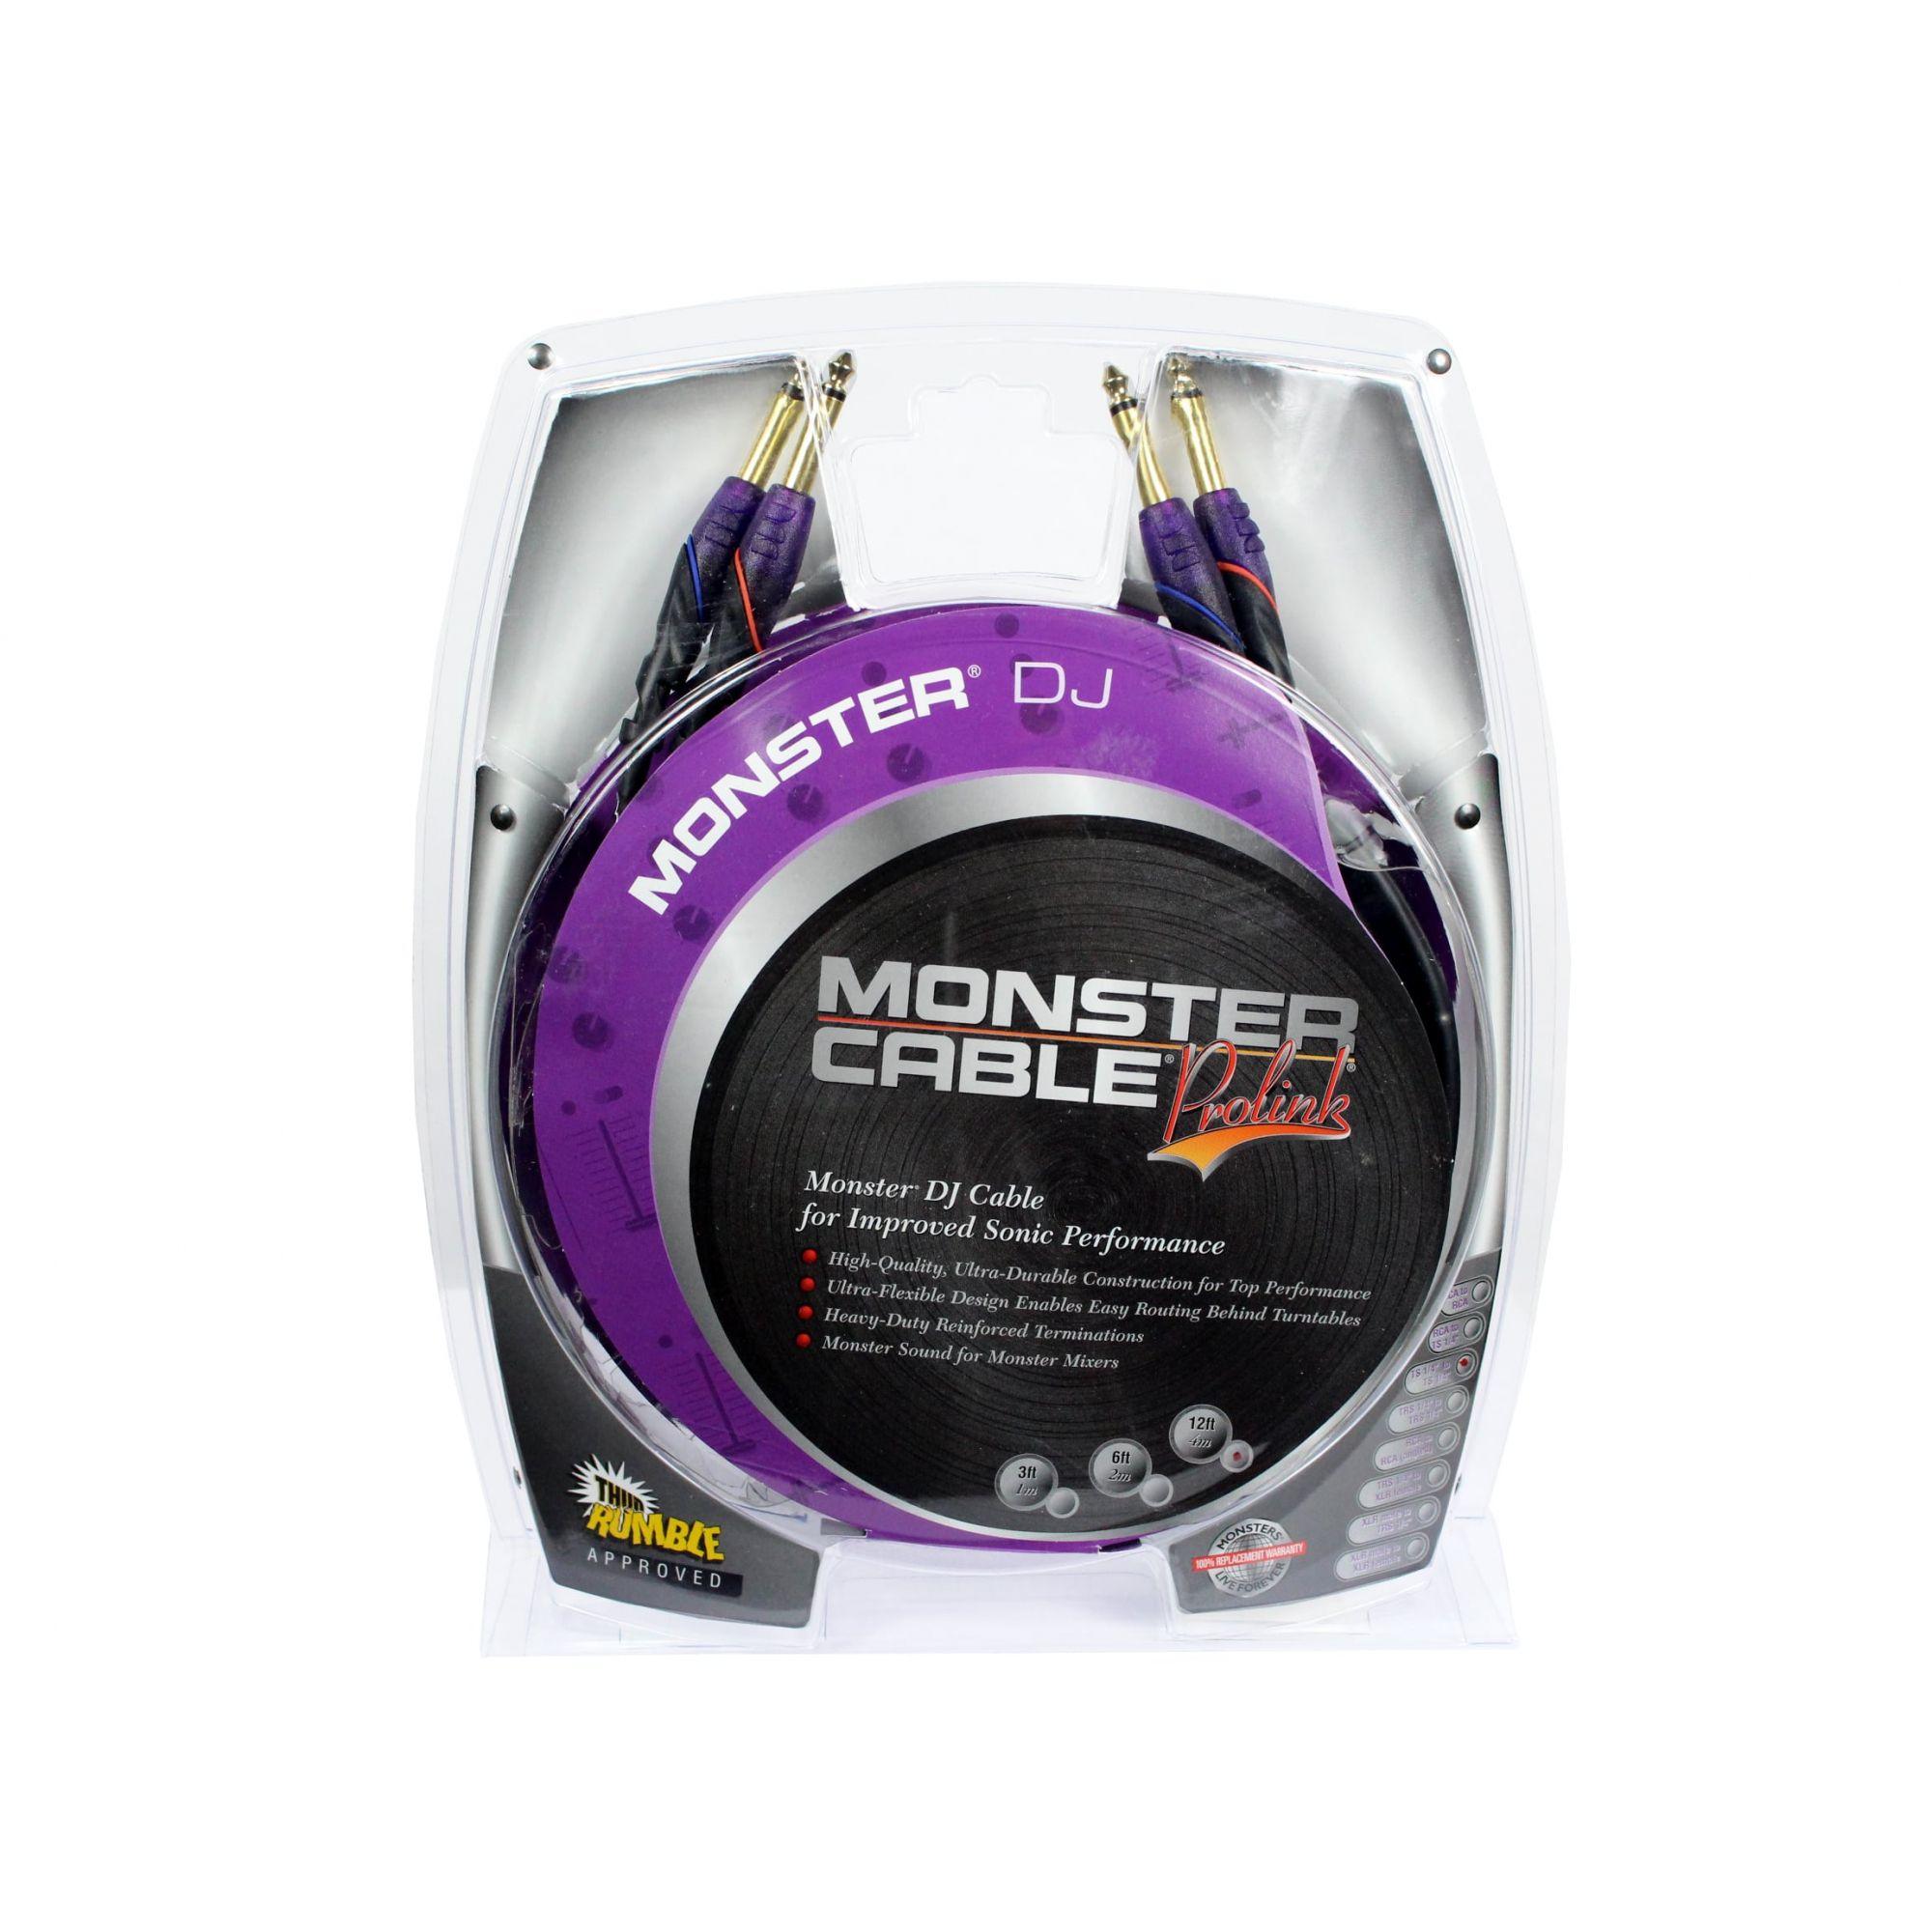 Cabo para equipamentos de DJ | 2 P10 MONO / 2 P10 MONO de 4 metros | Monster DJ | M DJ-M-4M